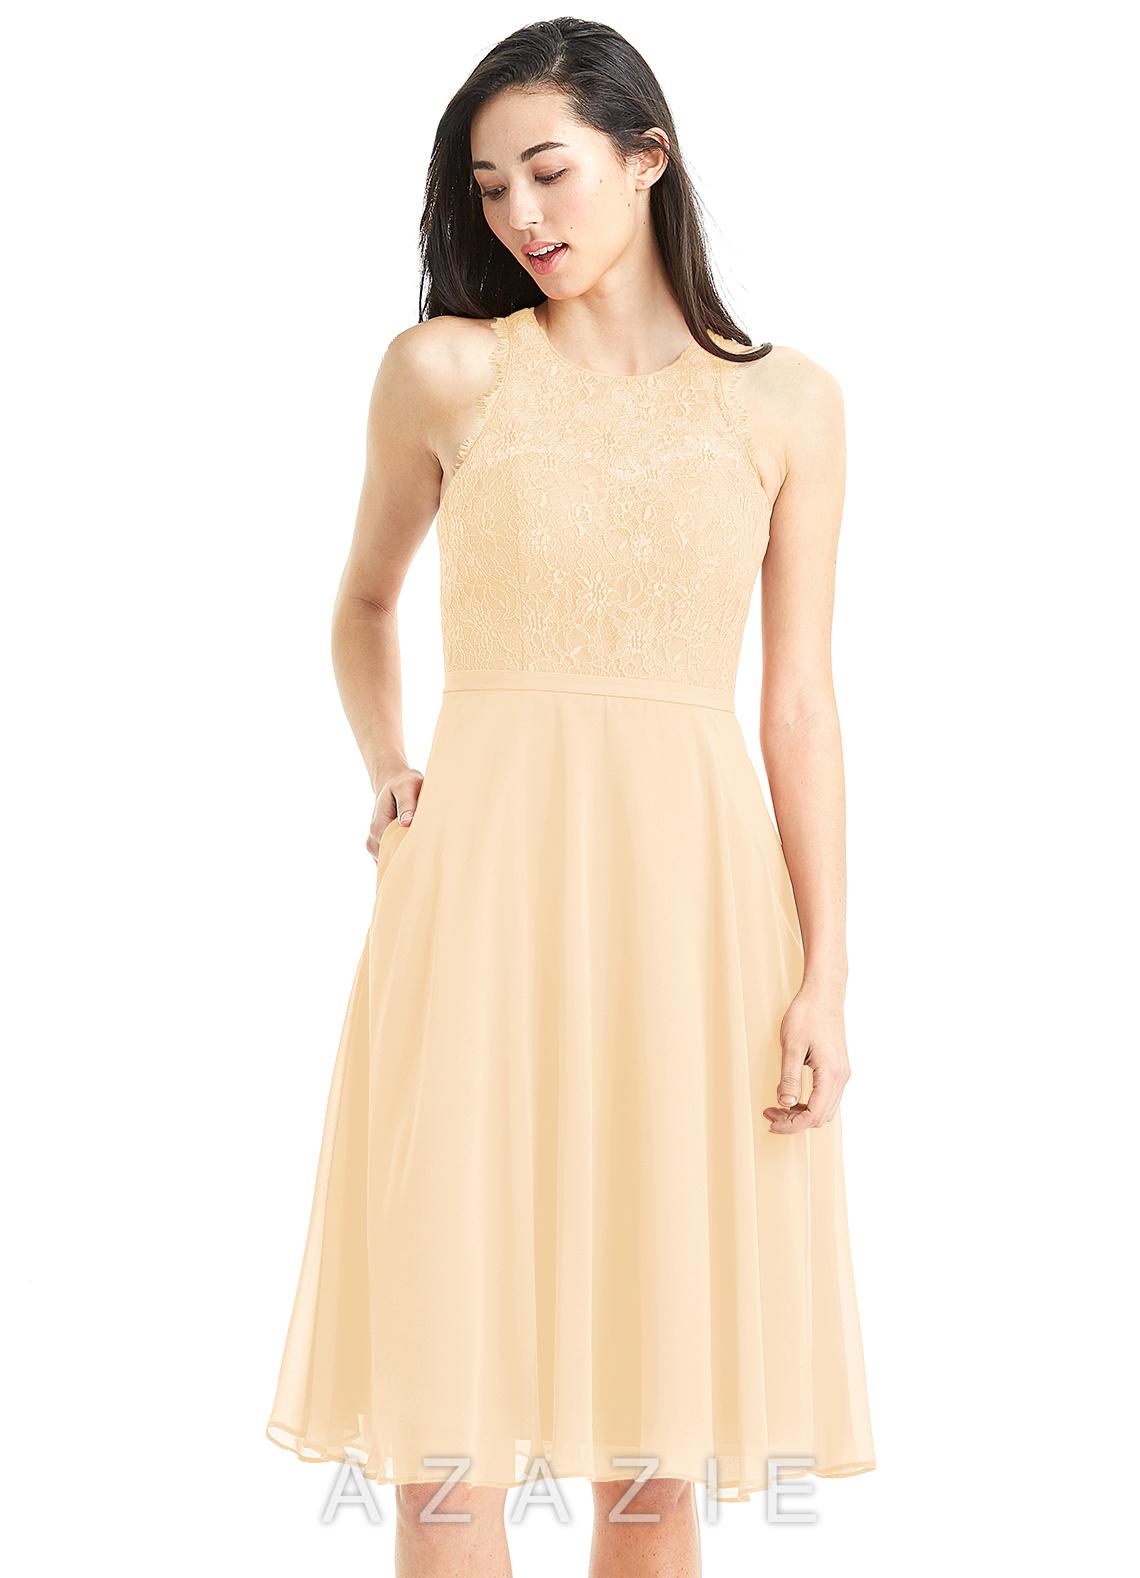 035e895621a Azazie Sylvia Bridesmaid Dresses